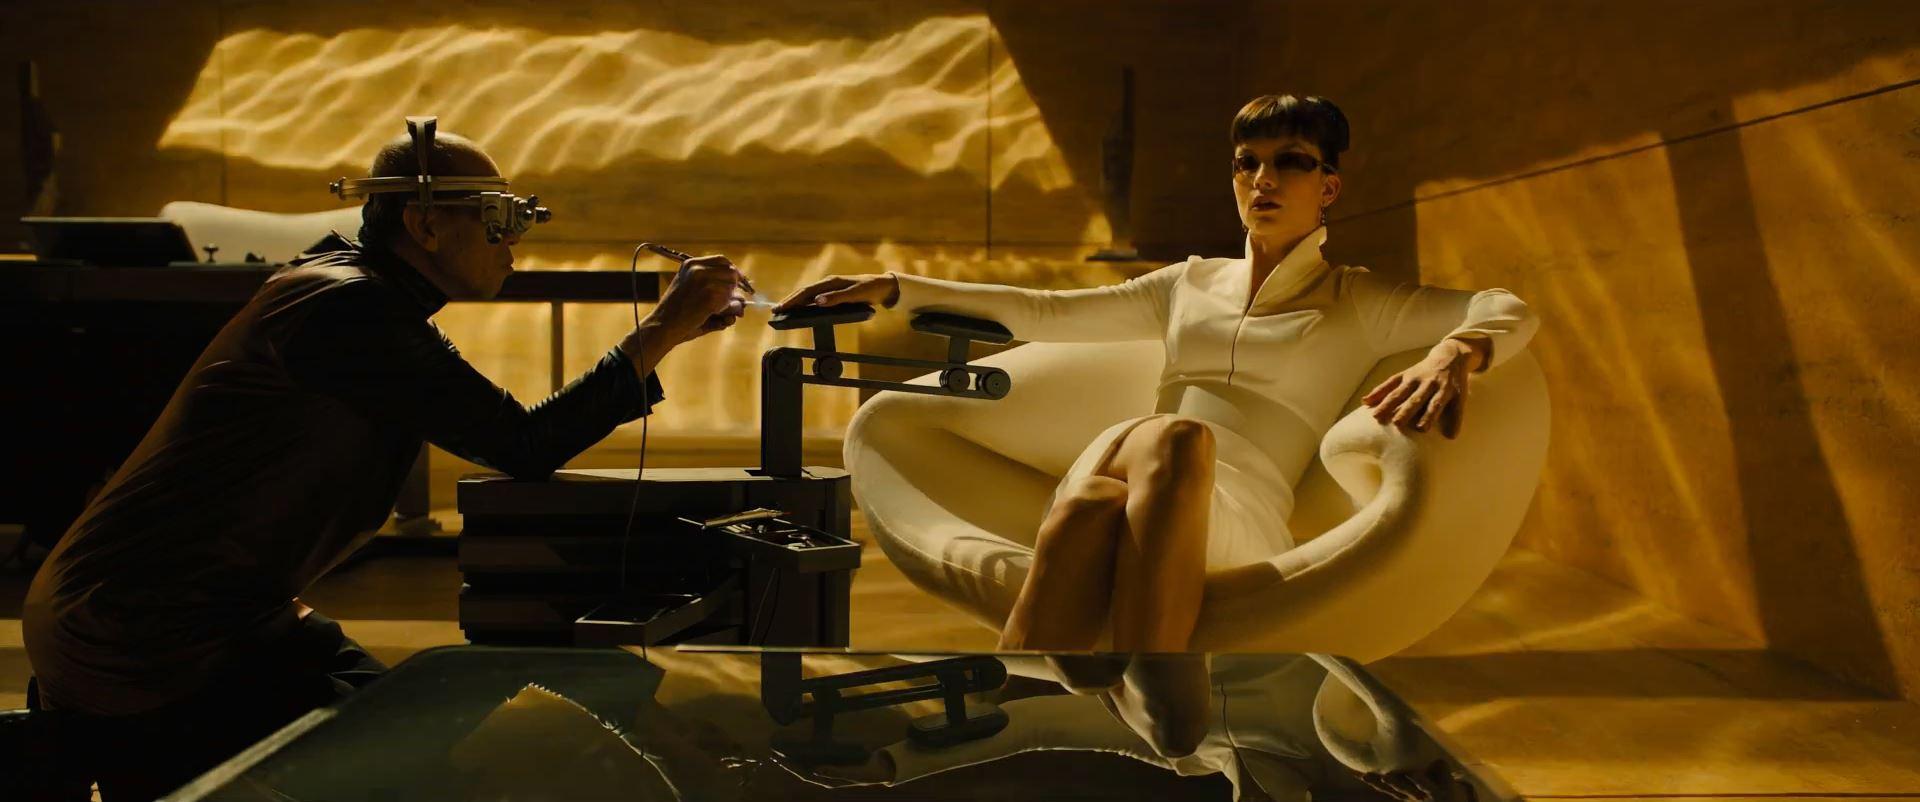 Sylvia-Hoeks-as-Luv-Blade-Runner-2049